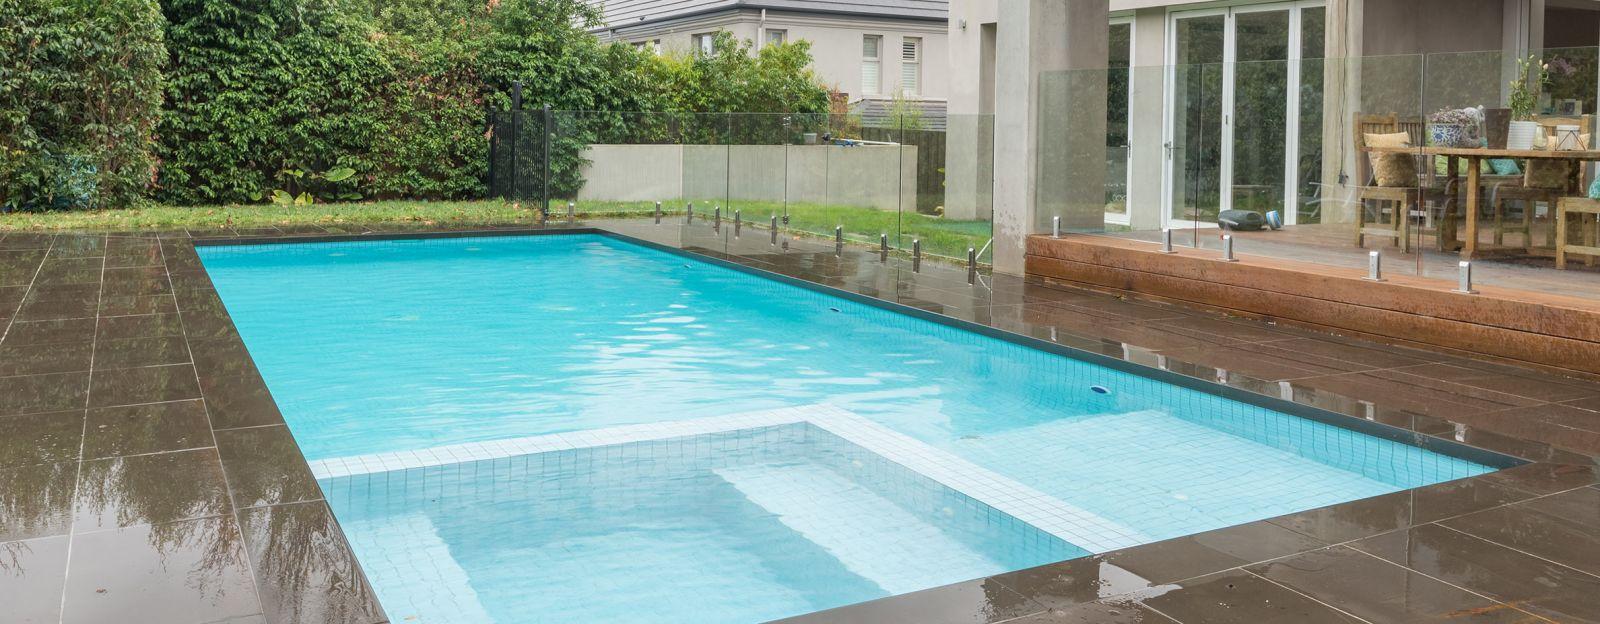 spa pools Melbourne, Victoria, Australia